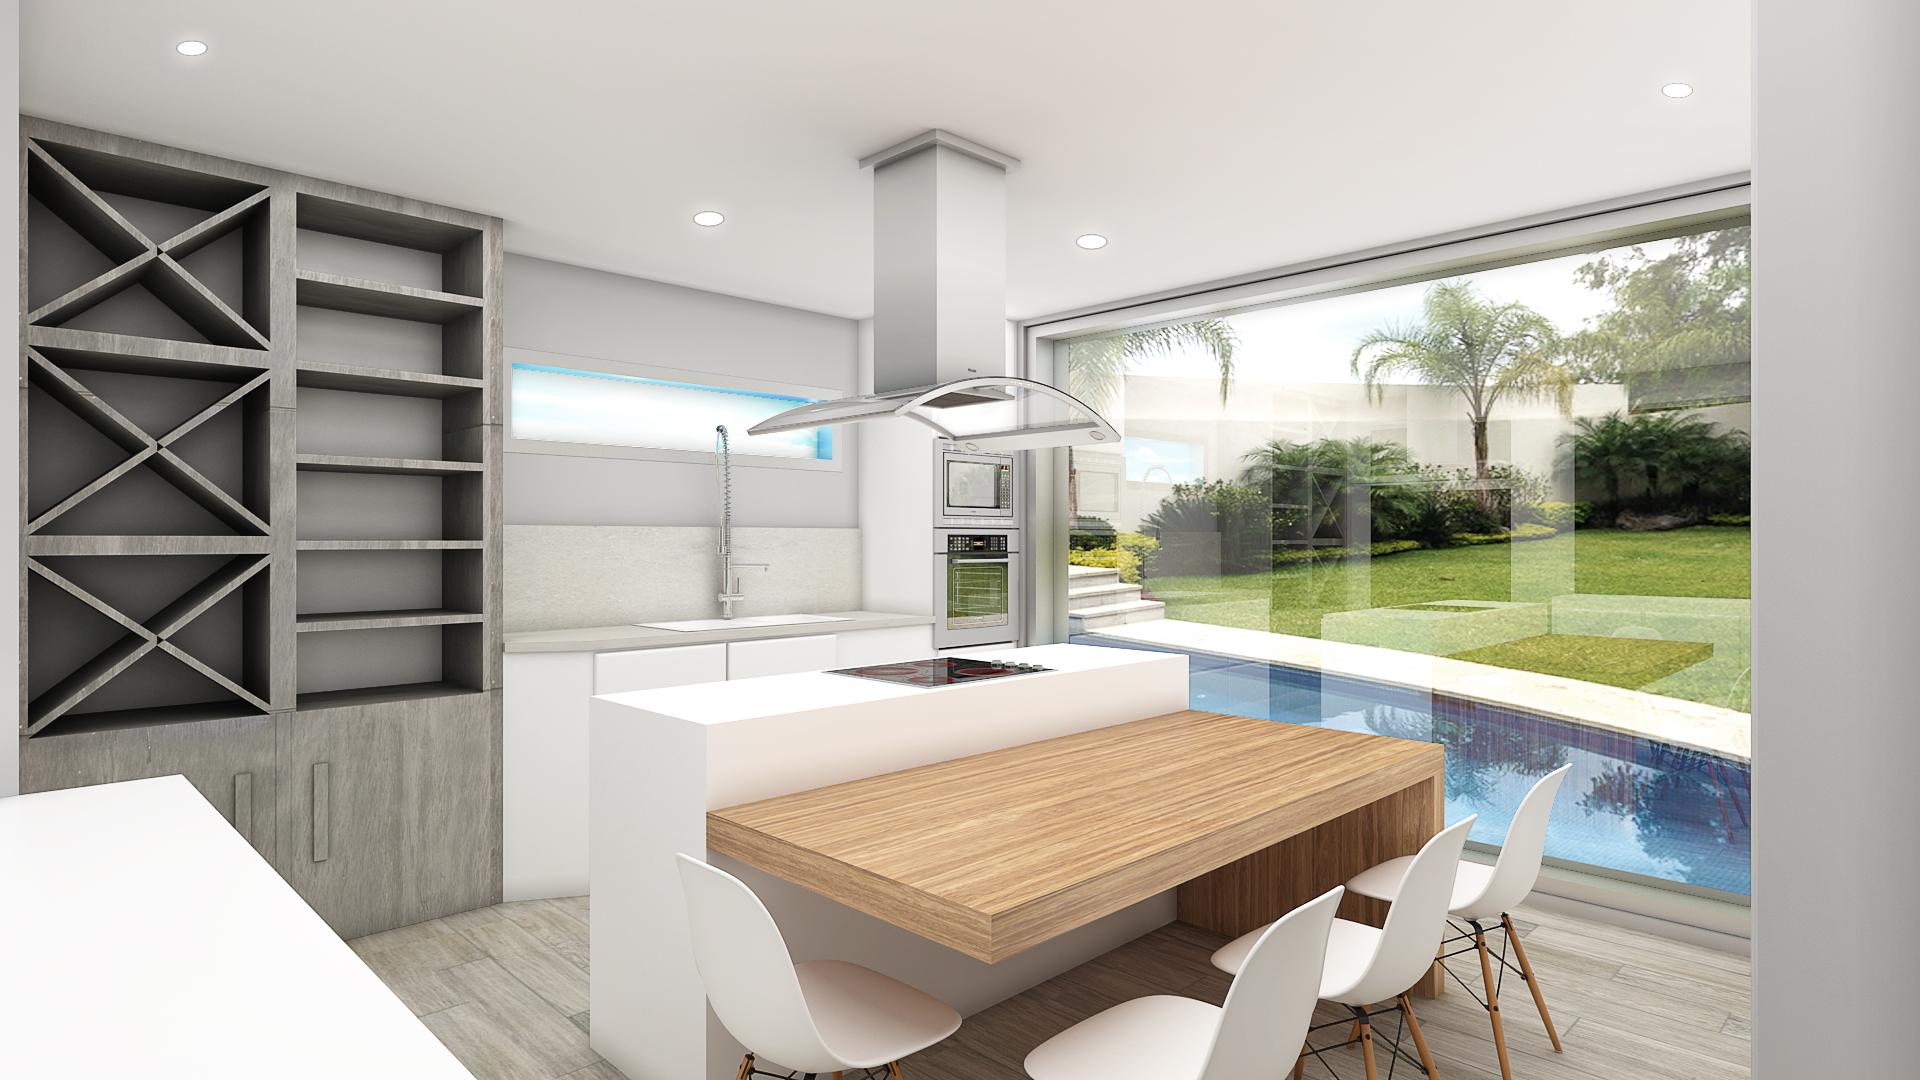 Proyecto de interiorismo y creaci n de mobiliario en for Vivienda interior